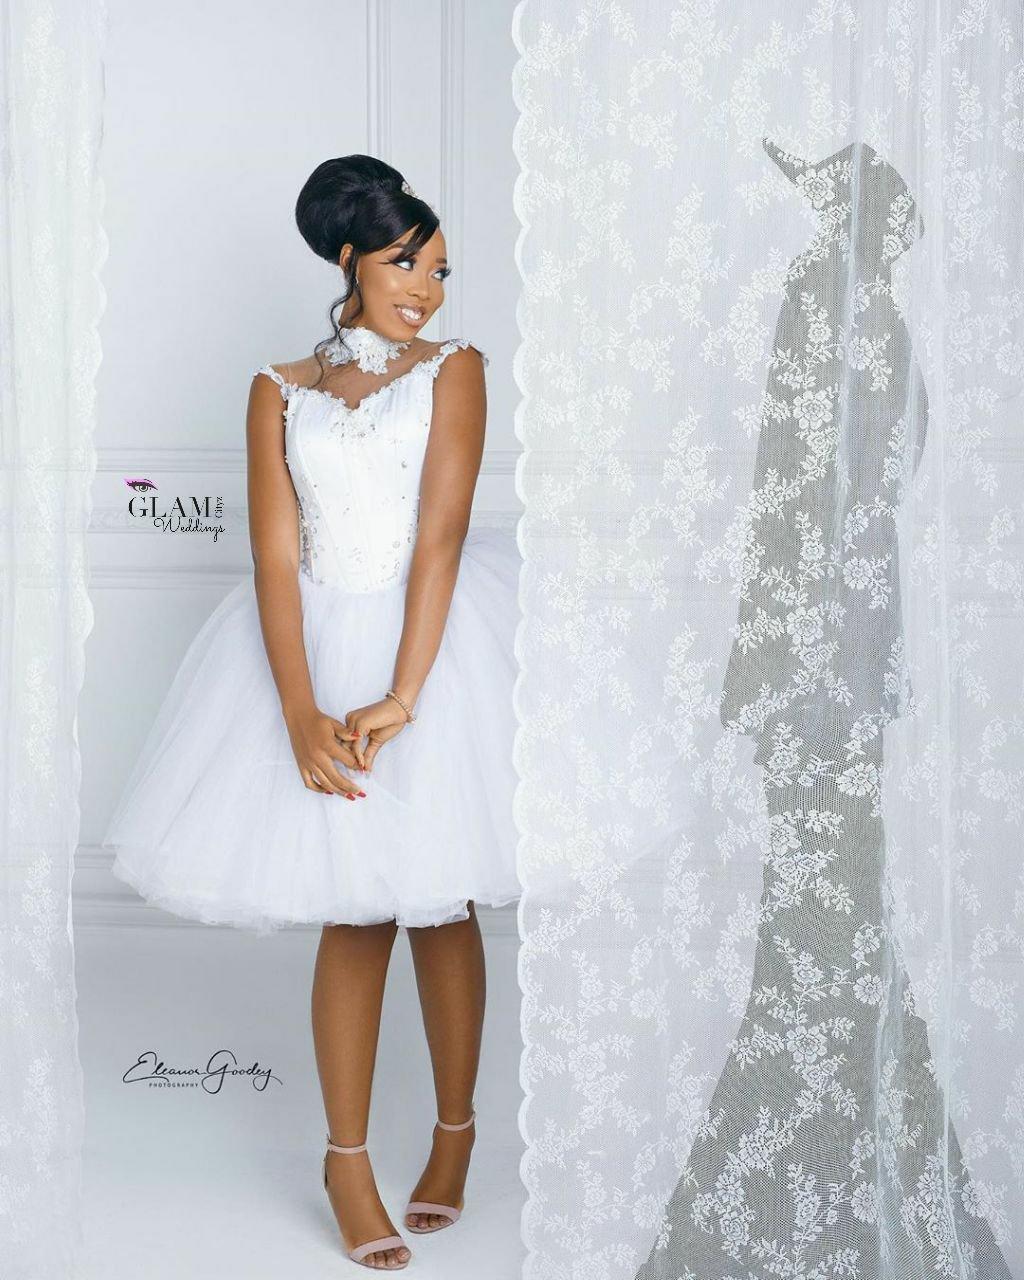 glamcityz 0audio bride 77376187216658851000.